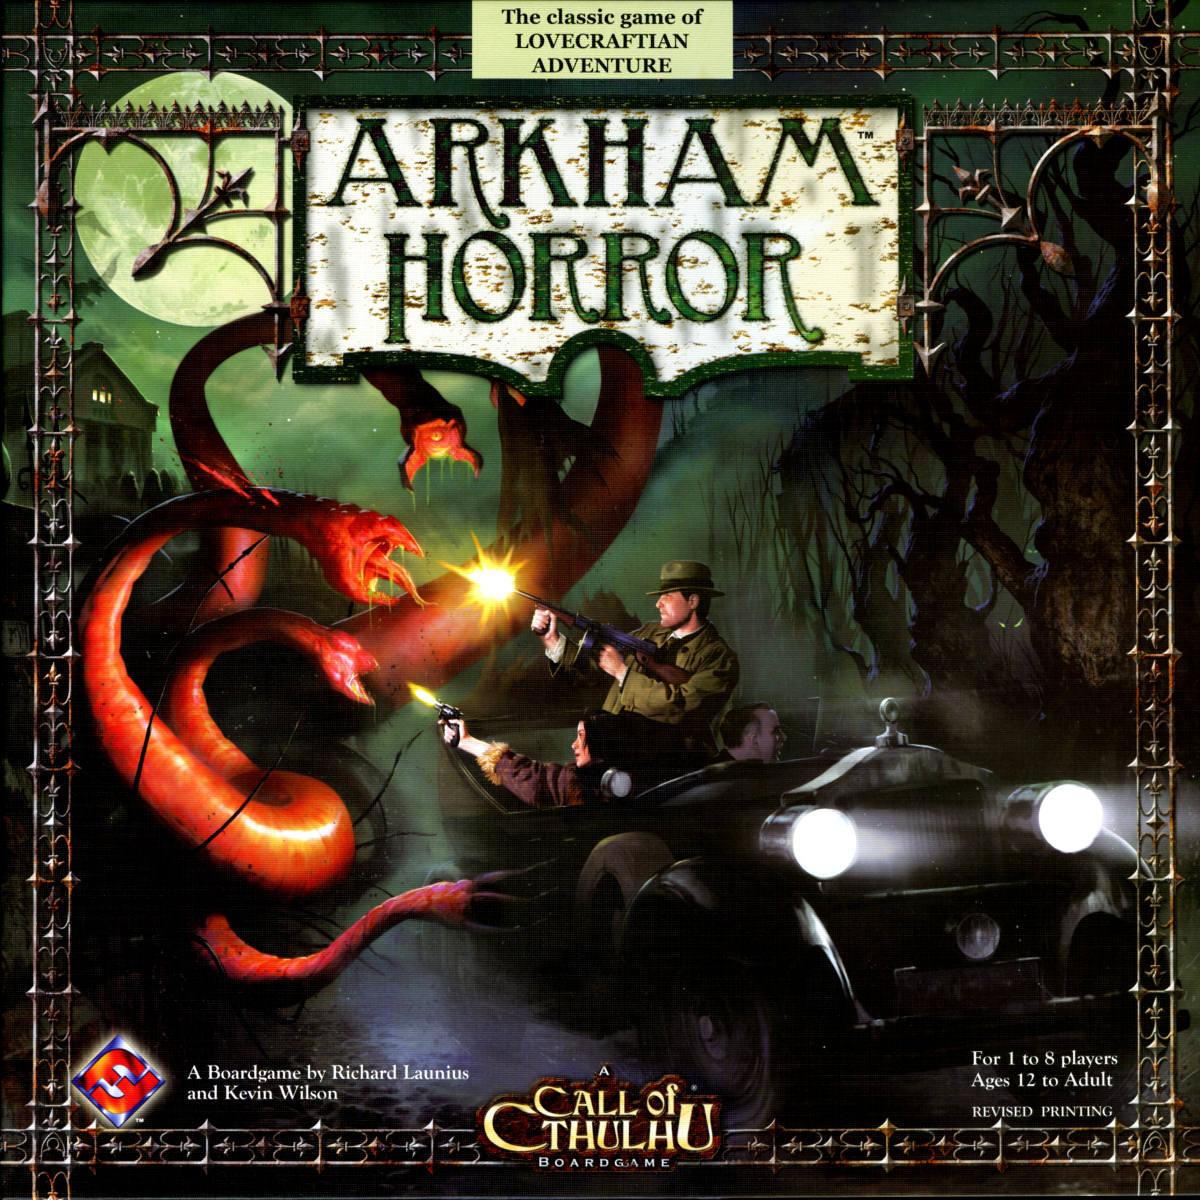 Arkham Horror Image